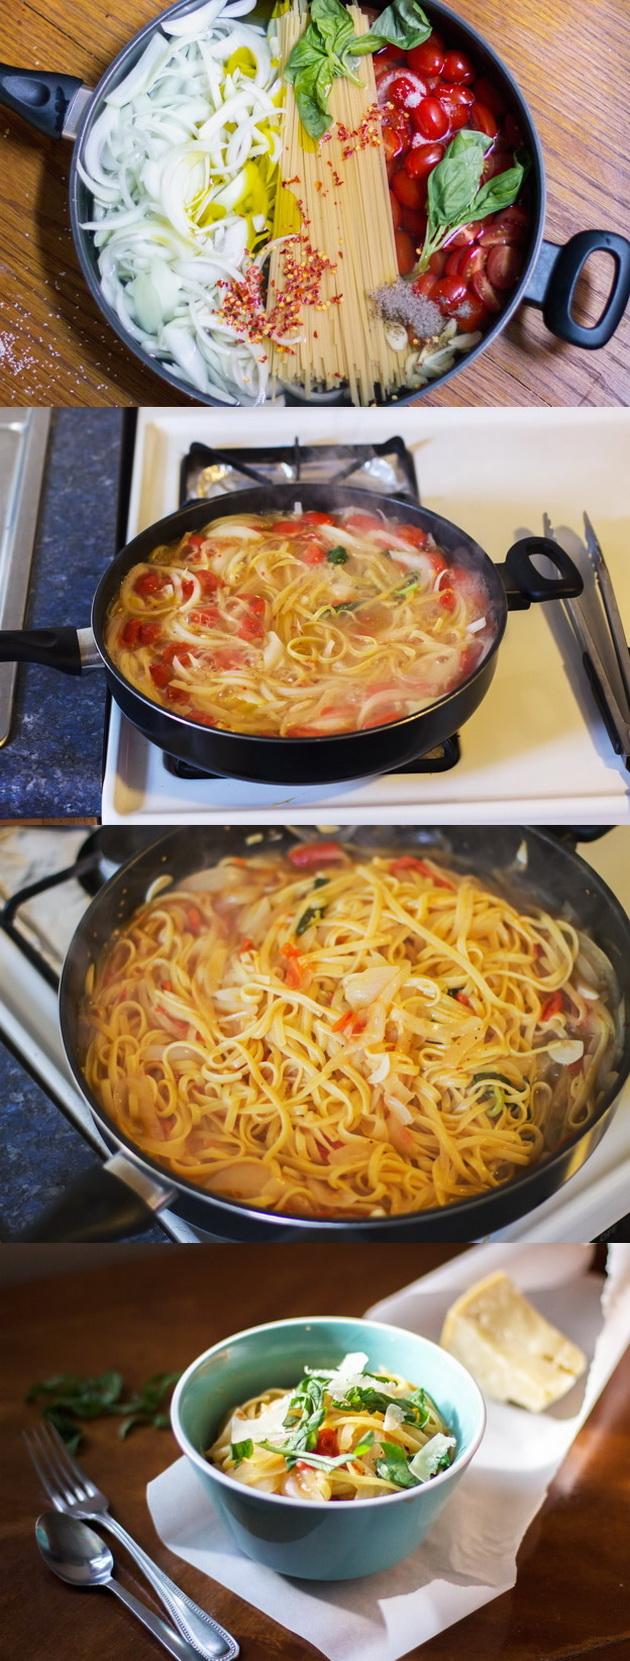 5-zdravi-i-vkusni-recepti-so-pasta-4.jpg